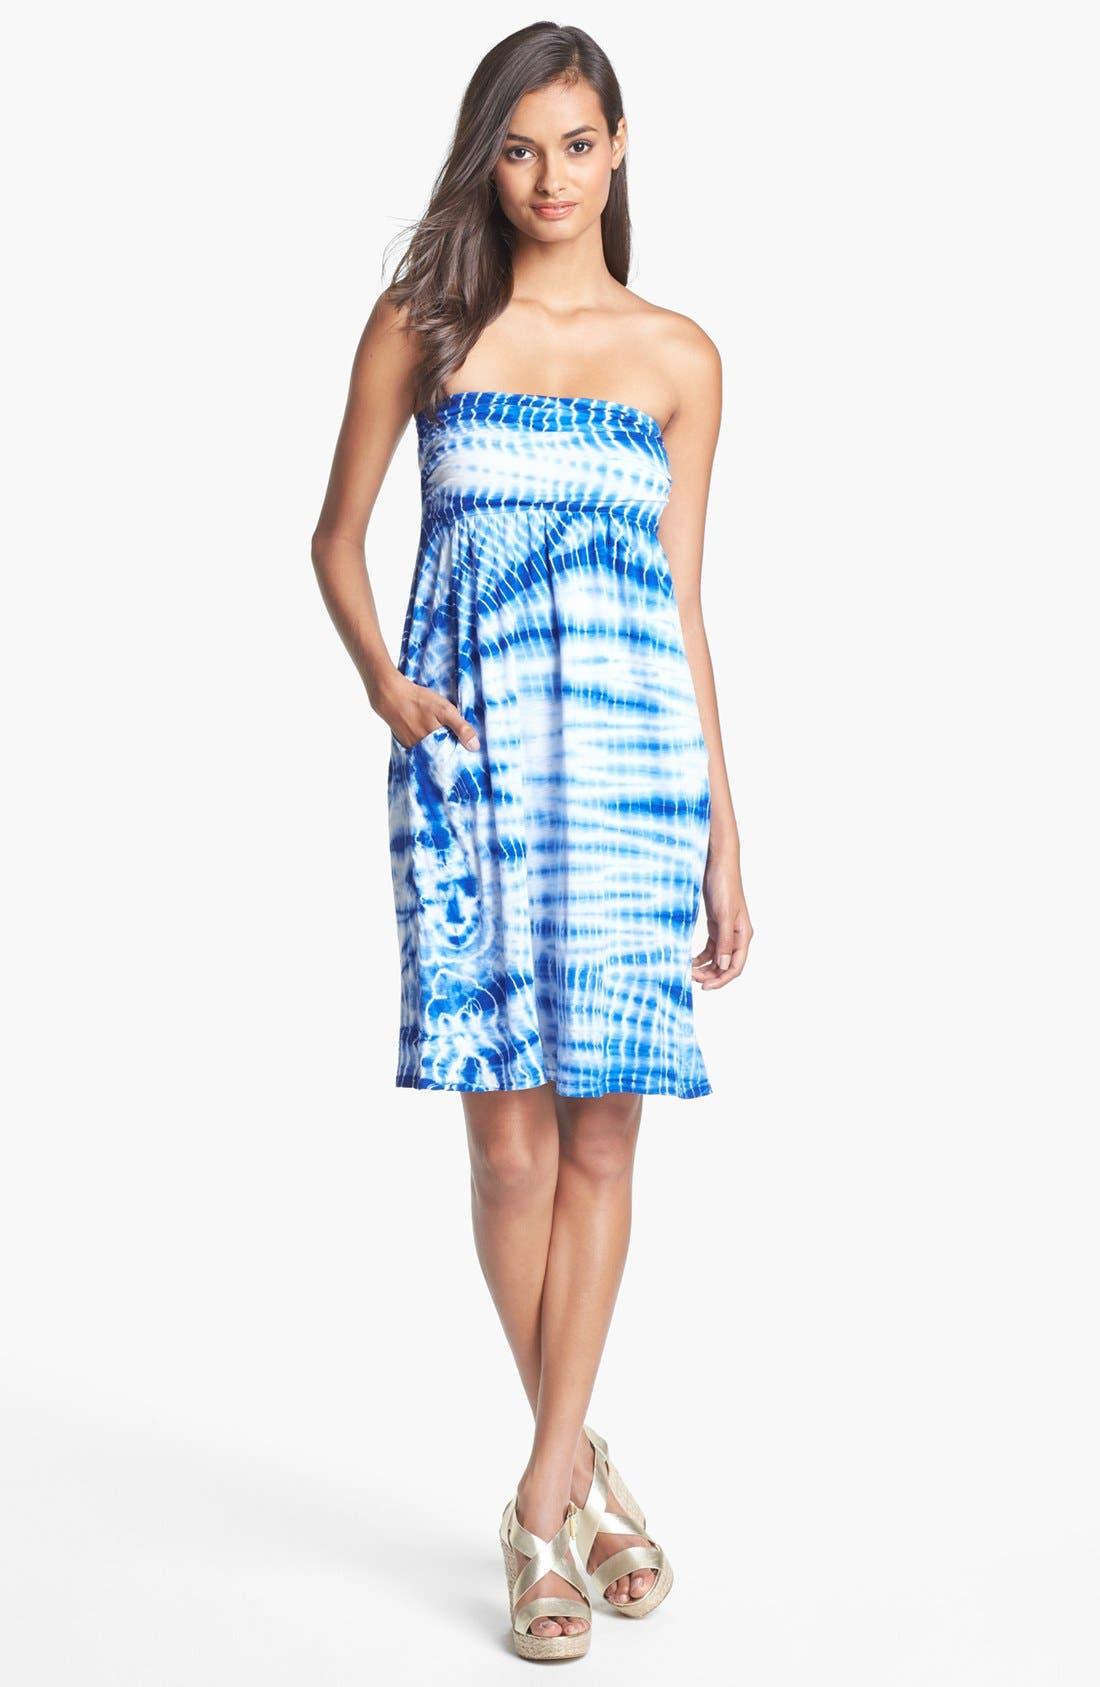 Main Image - Velvet by Graham & Spencer Tie Dye Tube Dress